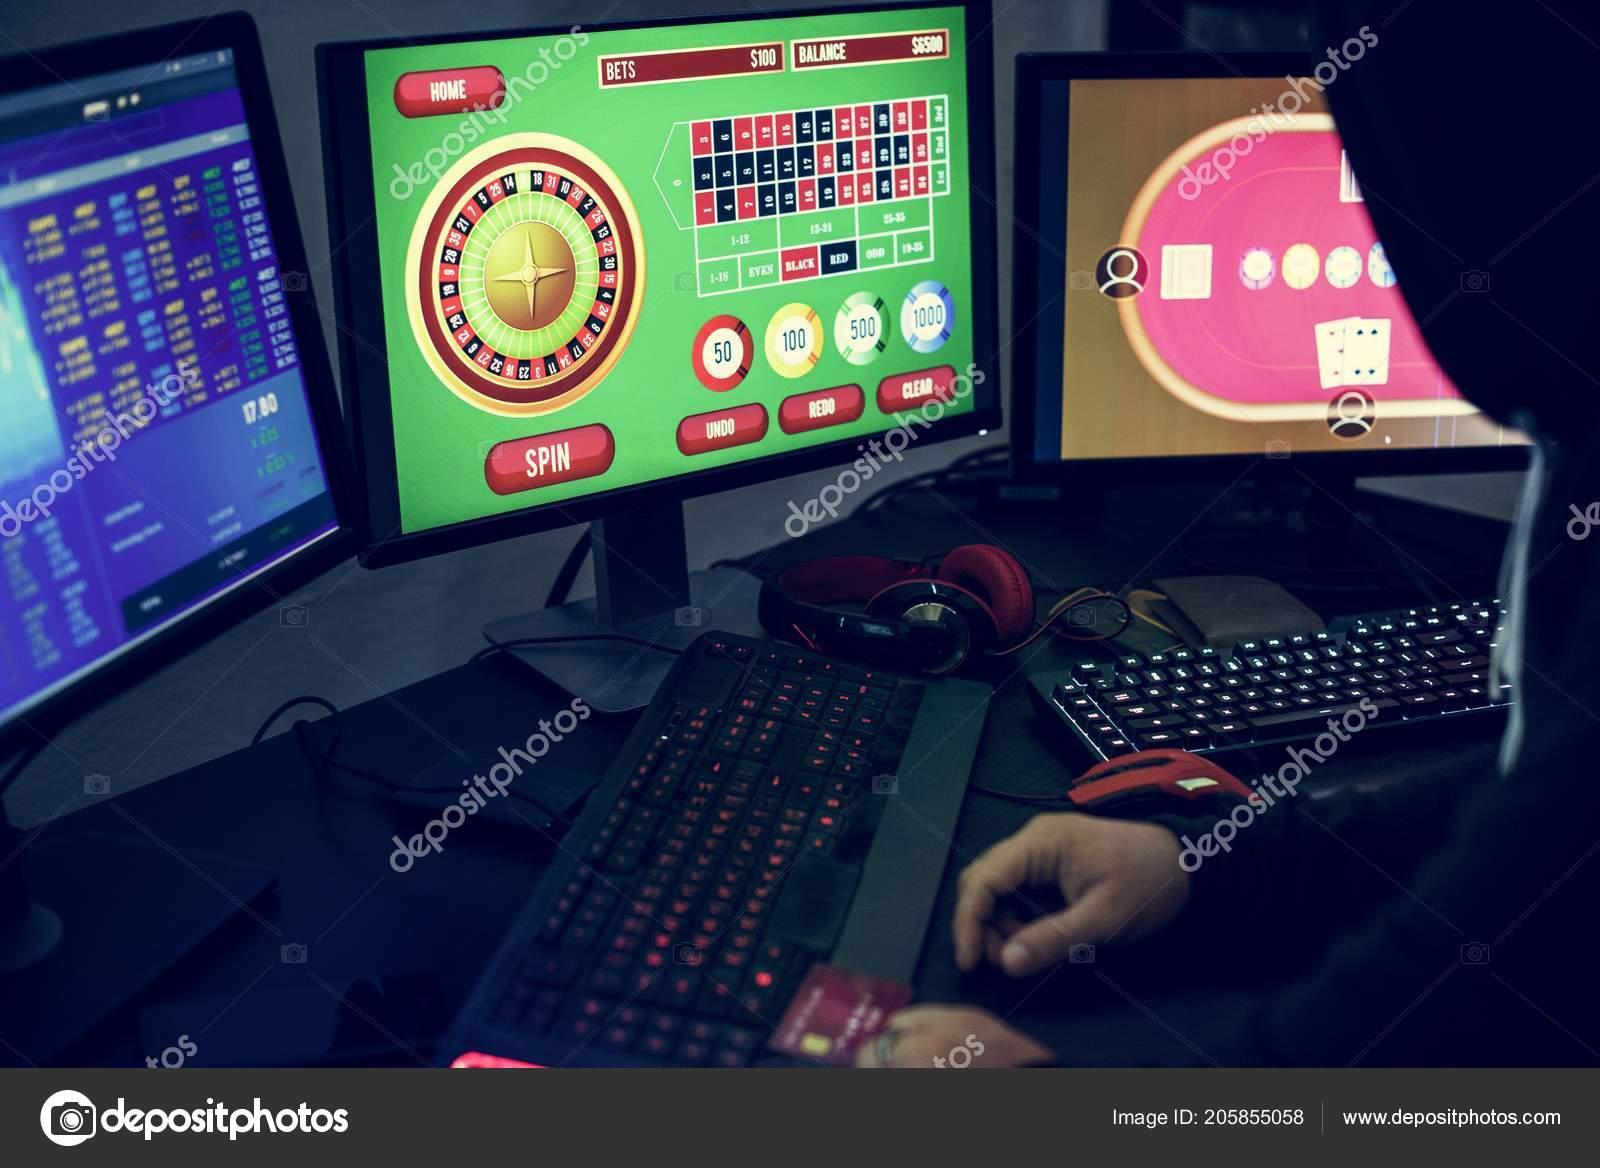 Скачать игру игра тысяча, скачать игру 1000 или играть онлайн.